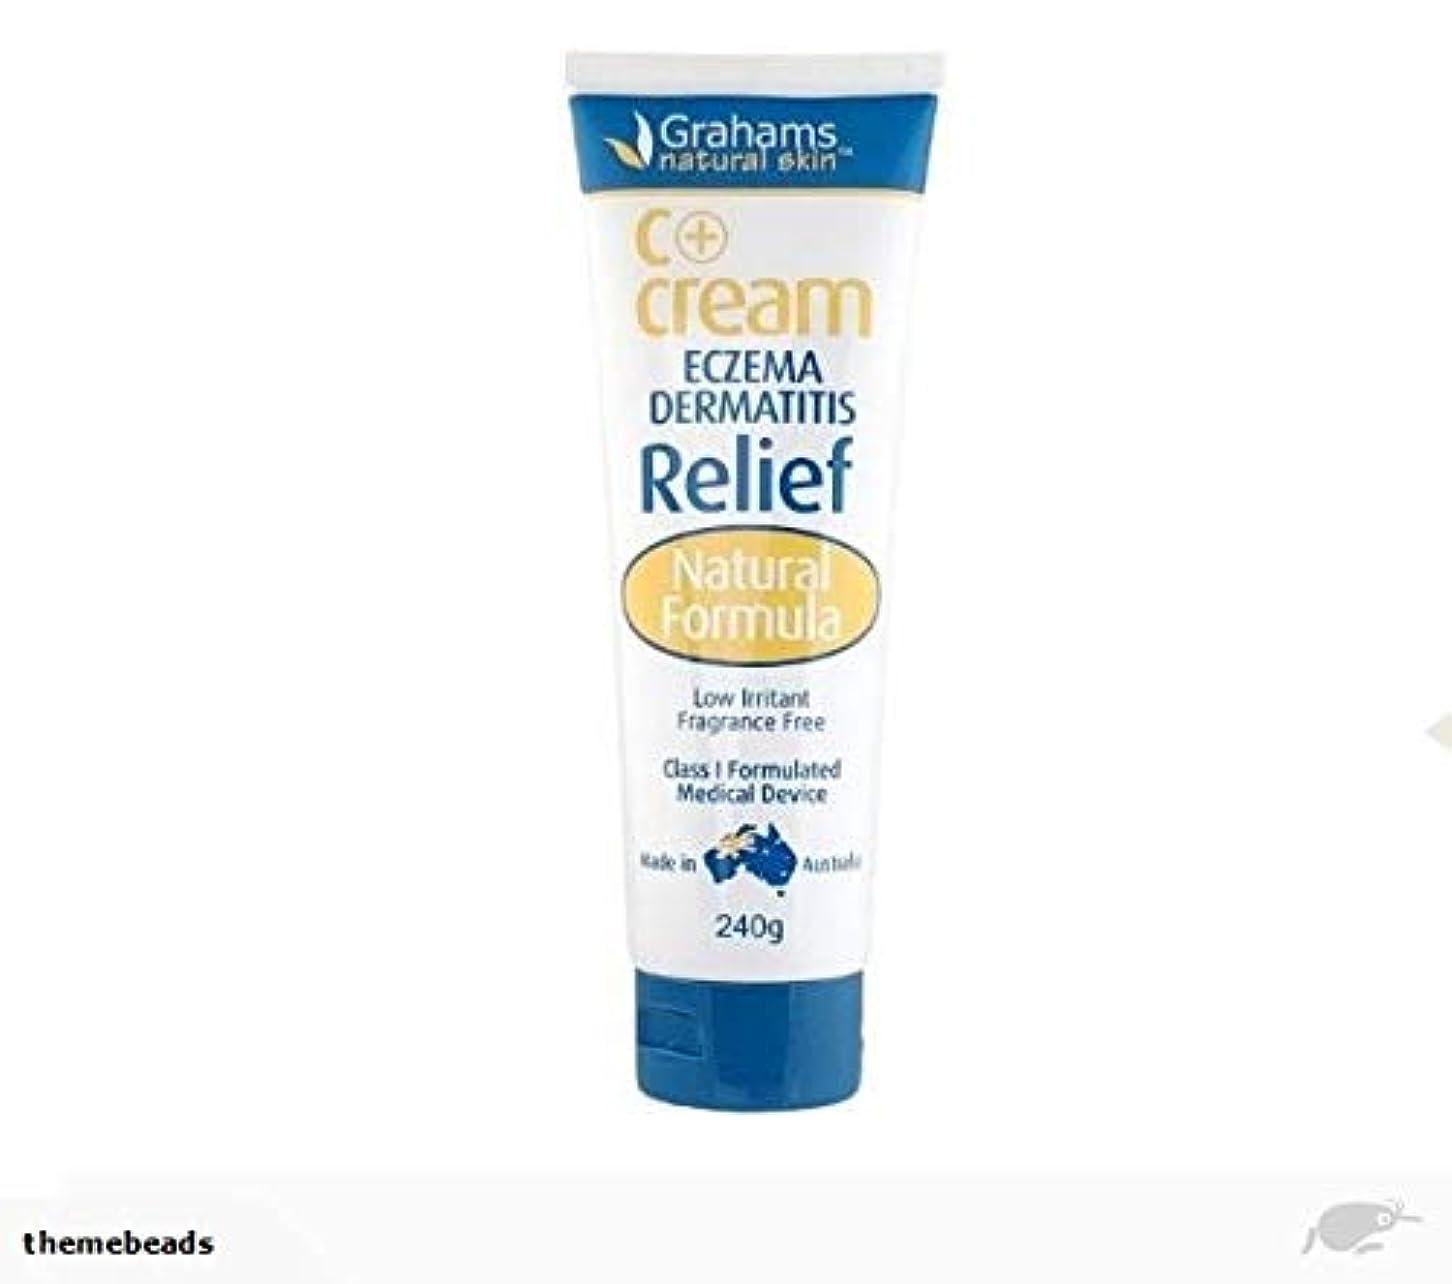 復活頑固な敬意[Grahams] 湿疹 かぶれ肌に C+クリーム 無香料 低刺激 (C+ Cream ECZEMA DERMATITIS Relif) 240g [海外直送品]